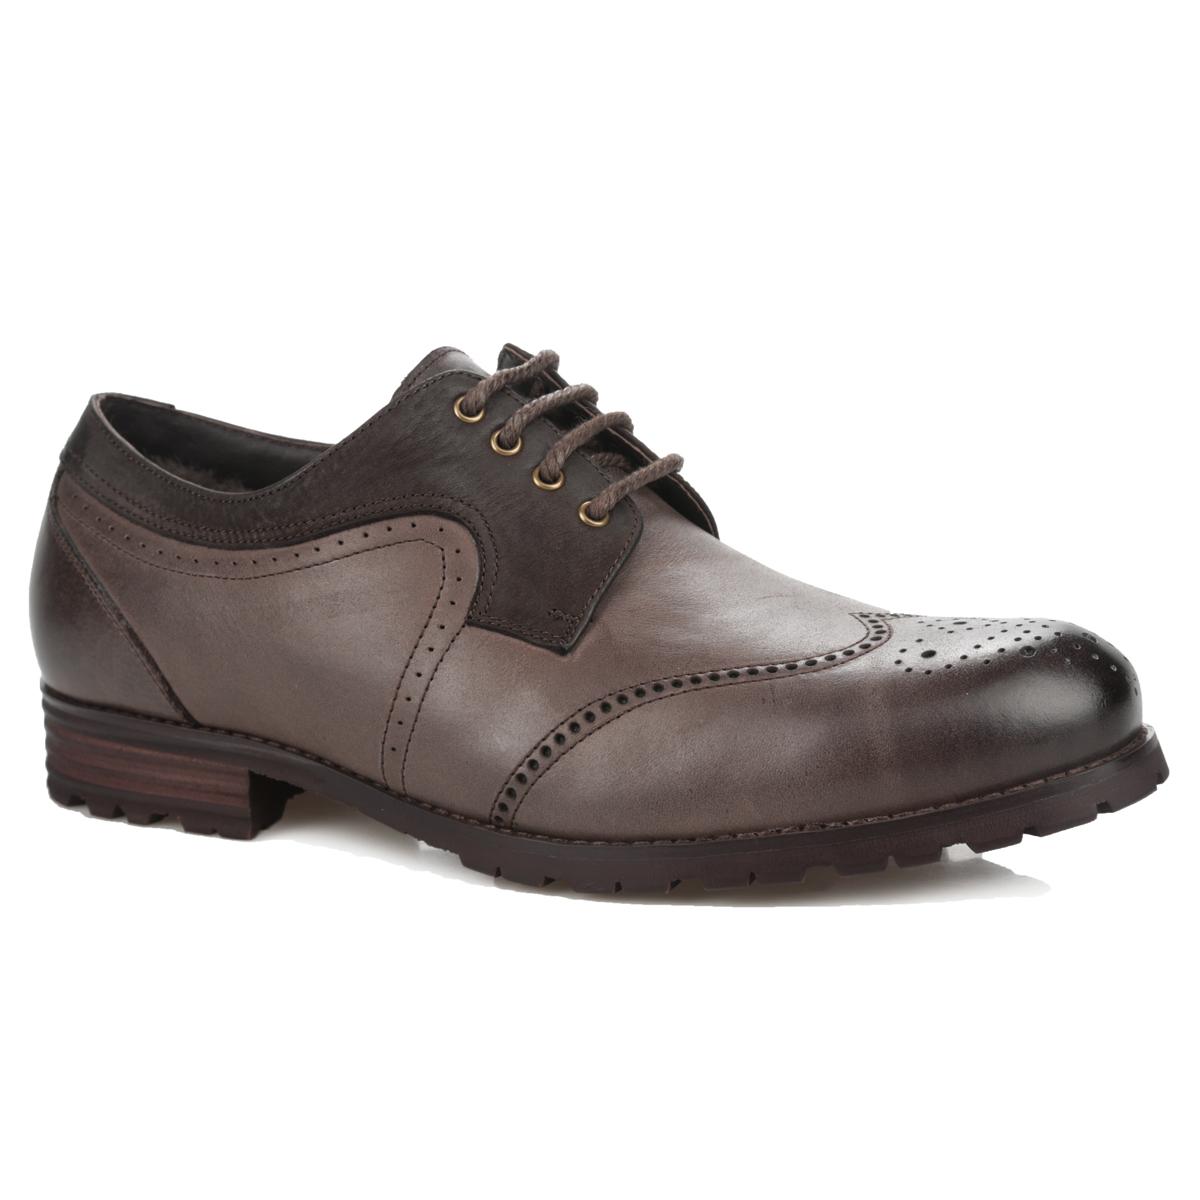 Броги мужские. 104-101-56(M)104-101-56(M)Модные мужские броги от Dino Ricci не оставят вас равнодушным! Модель выполнена из натуральной высококачественной кожи и оформлена декоративной перфорацией, вдоль ранта - прострочкой. Шнуровка прочно зафиксирует обувь. Подкладка и стелька из натурального меха сохранят ваши ноги в тепле. Каблук и подошва с протектором гарантируют идеальное сцепление с любыми поверхностями. Стильные броги займут достойное место среди вашей коллекции обуви.